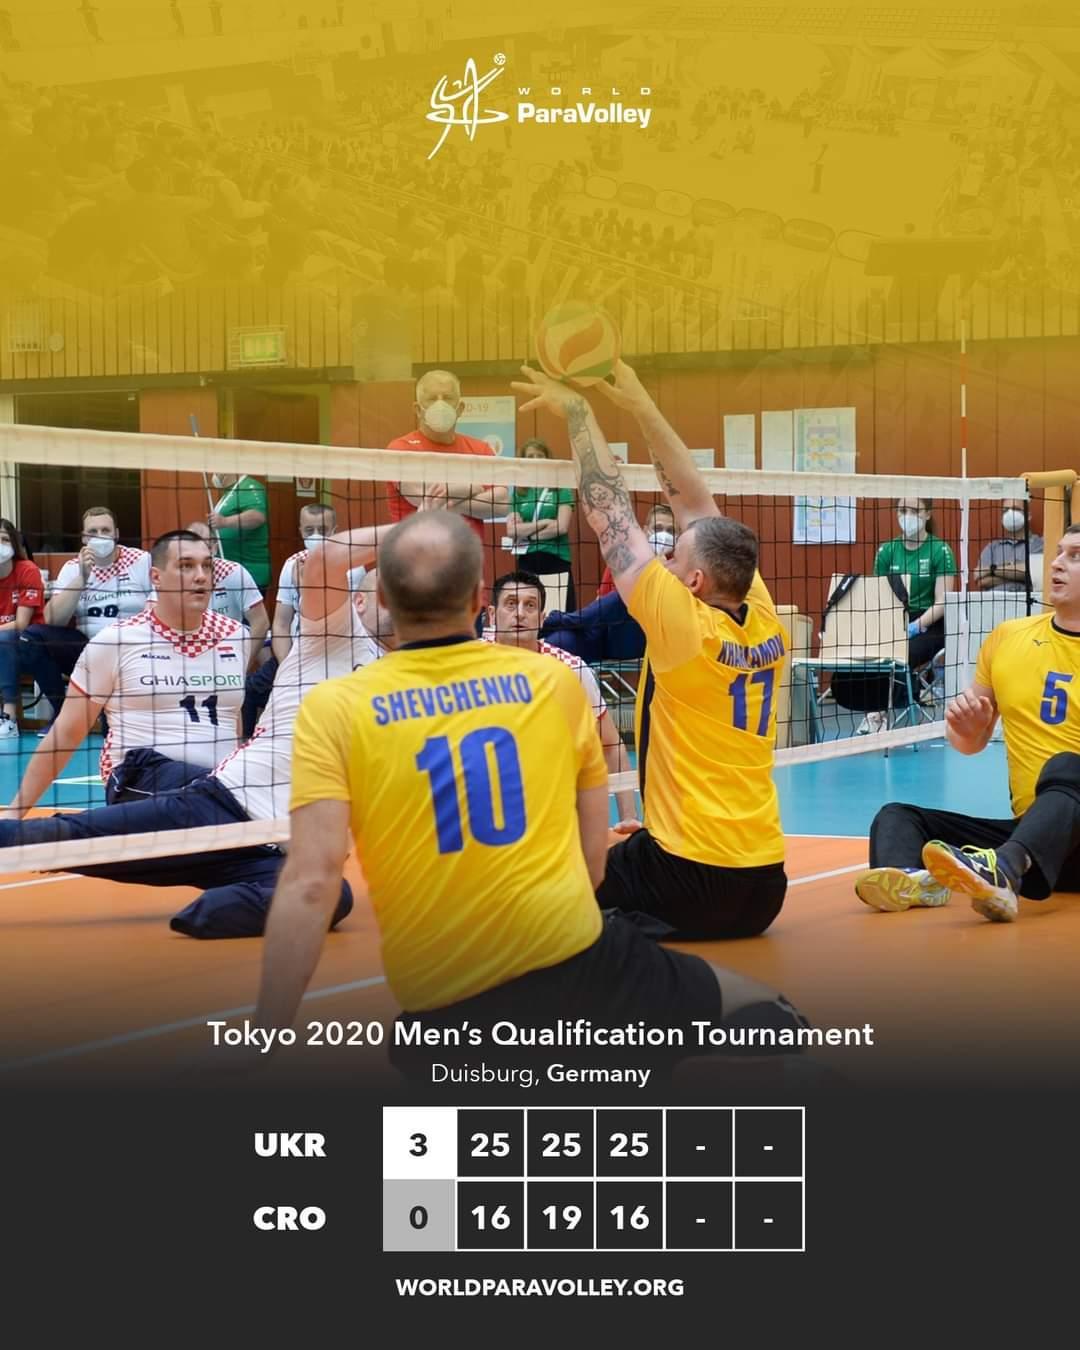 міжнародний турнір з волейболу сидячи , Німеччина. фото